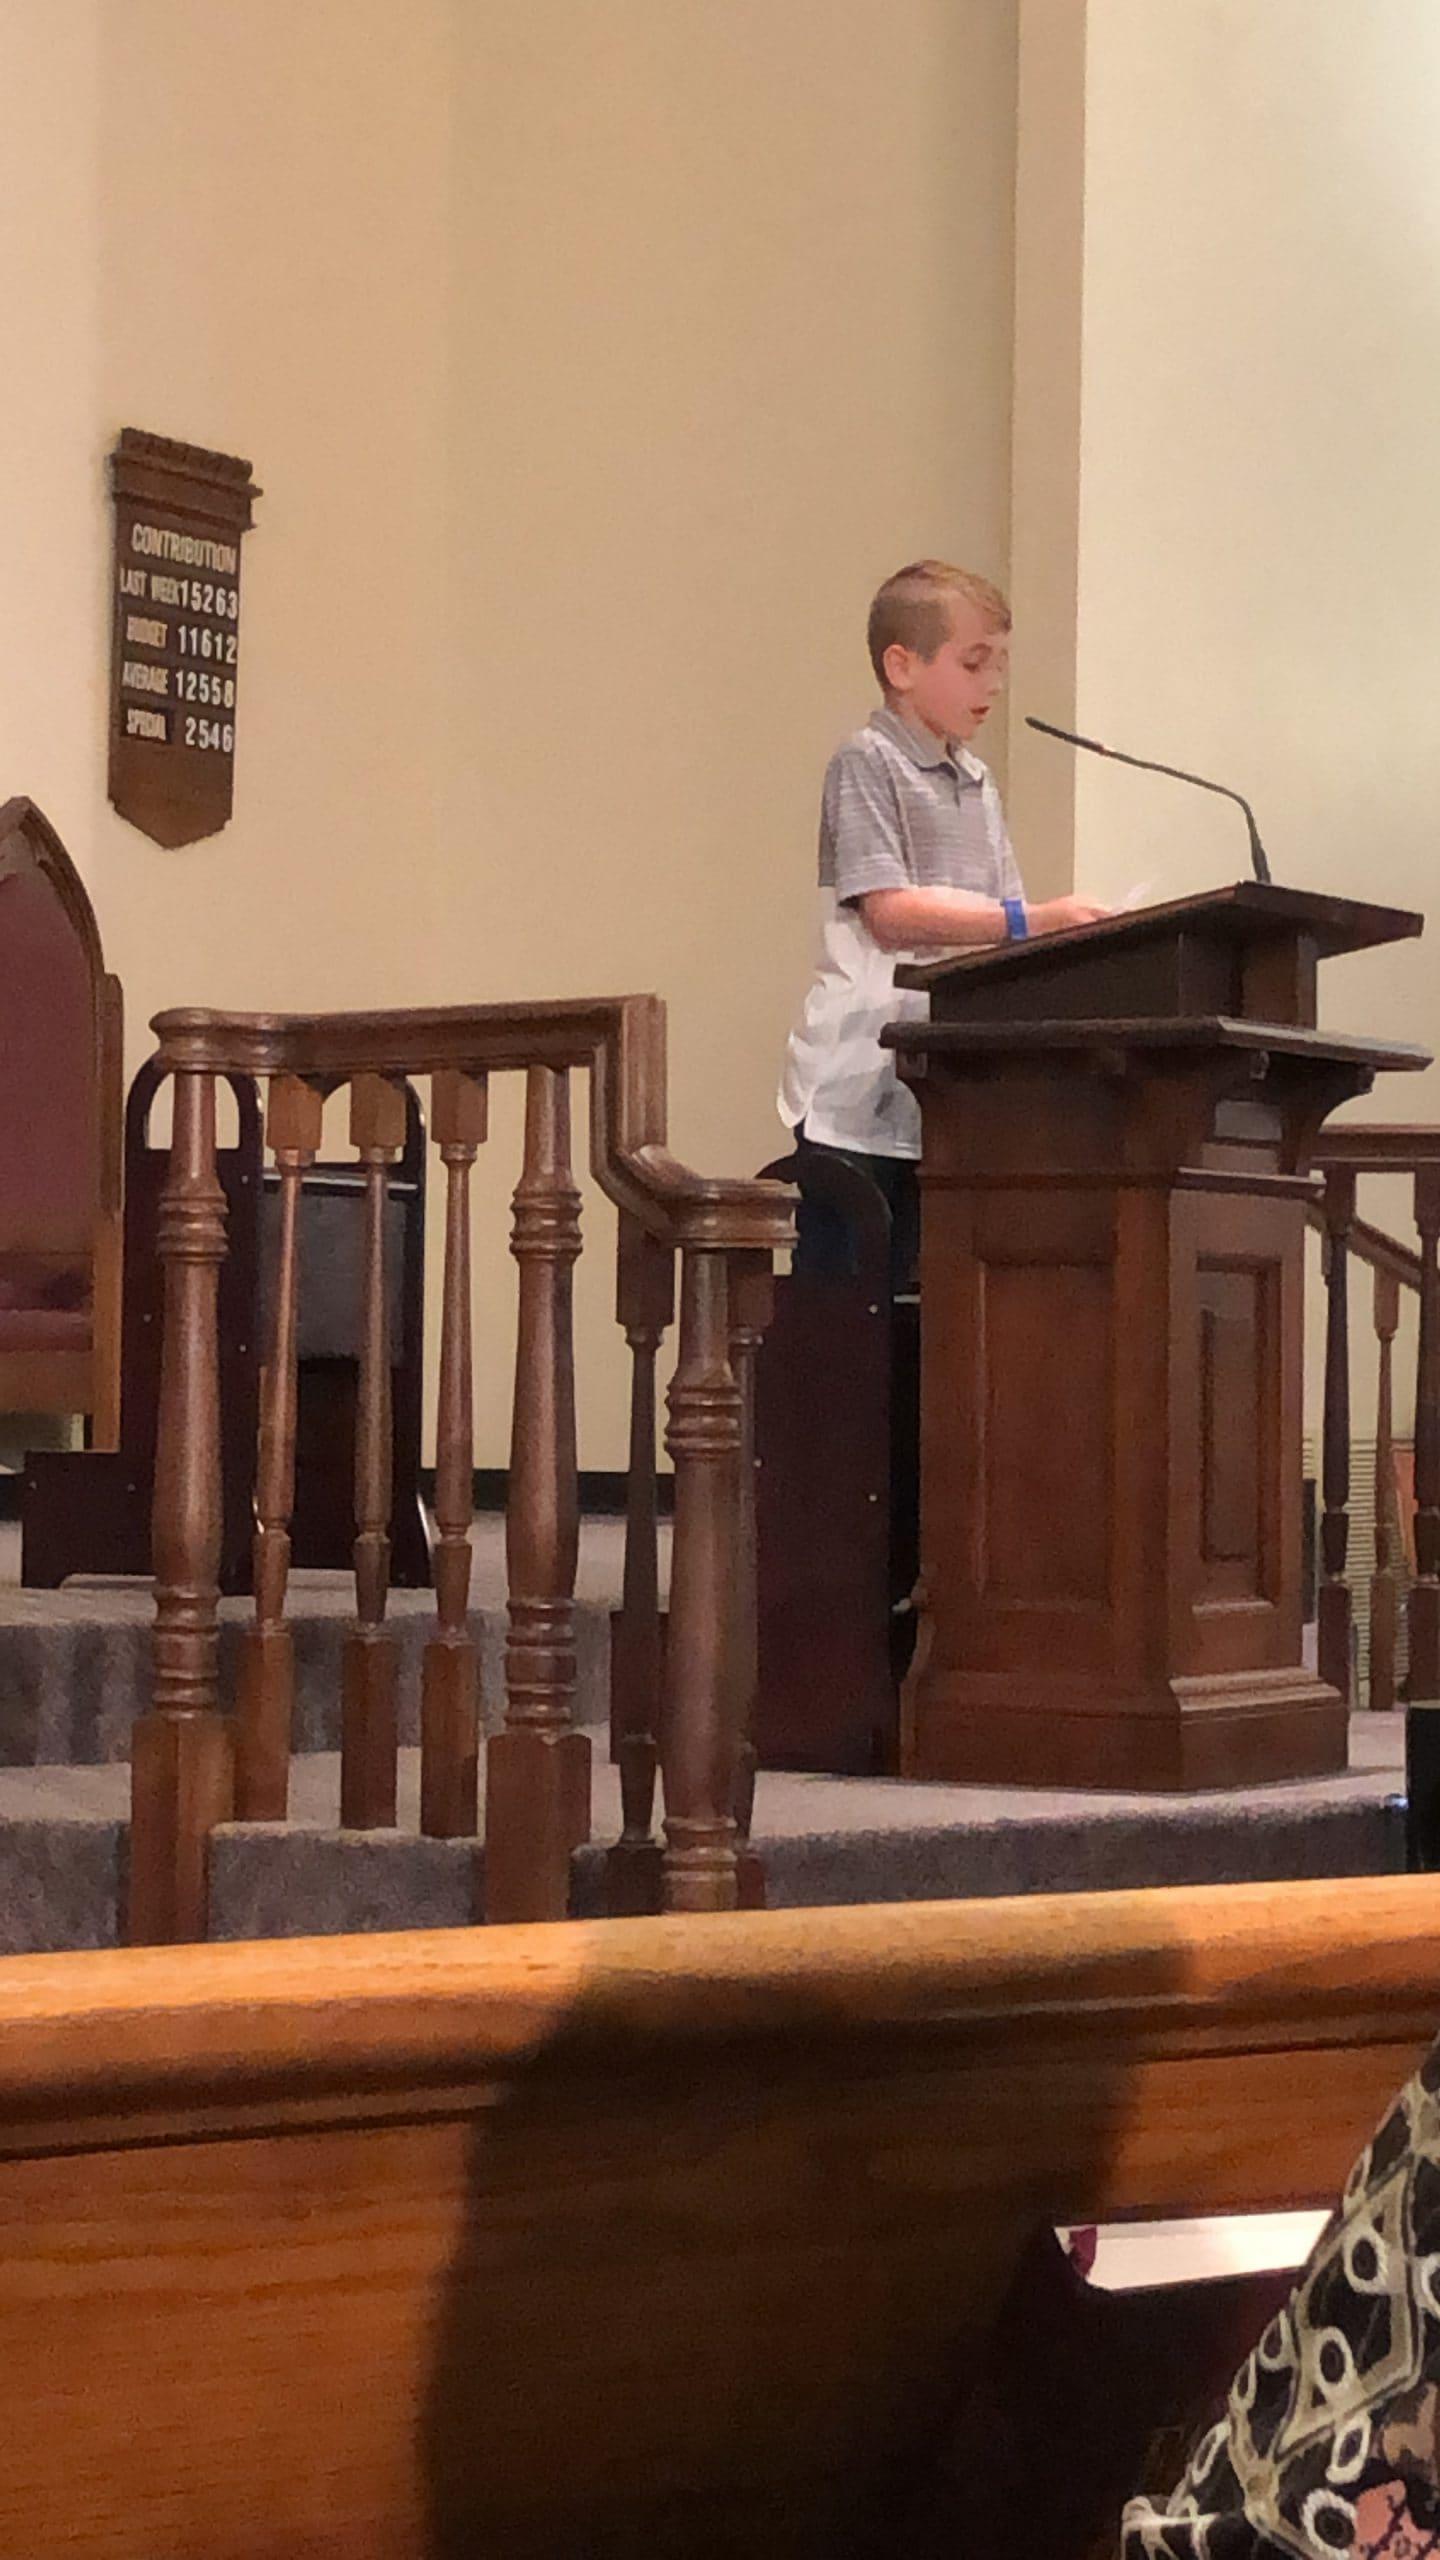 Kye speaking at church